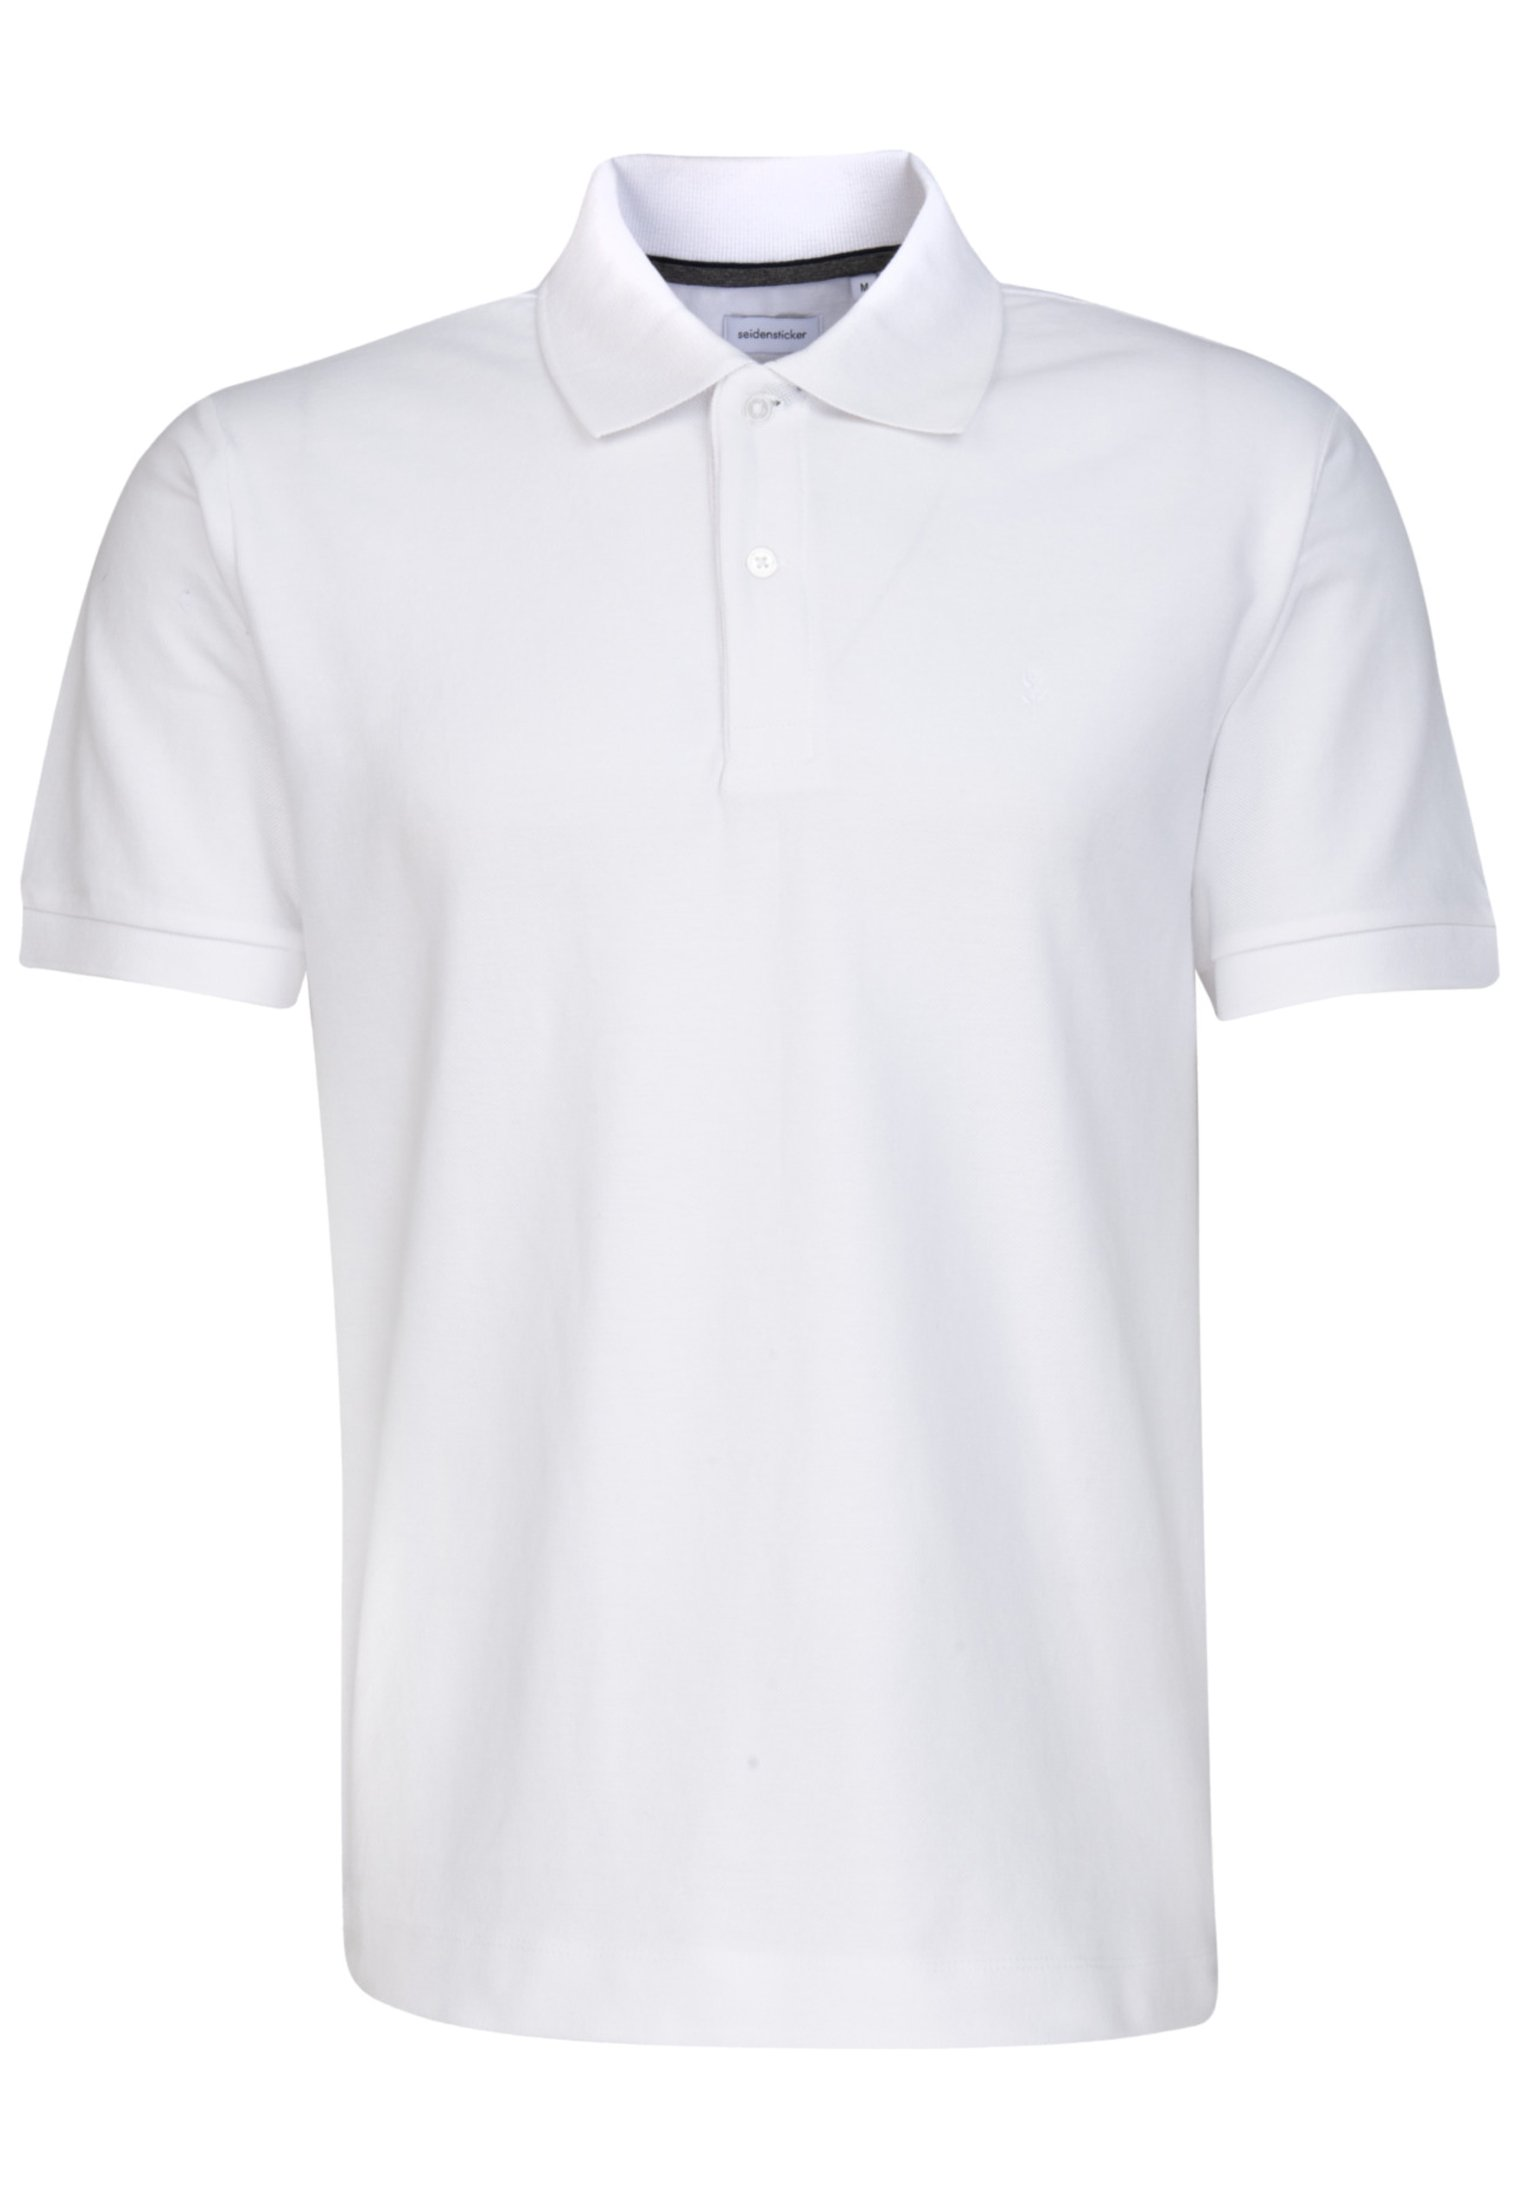 Herrer Poloshirts